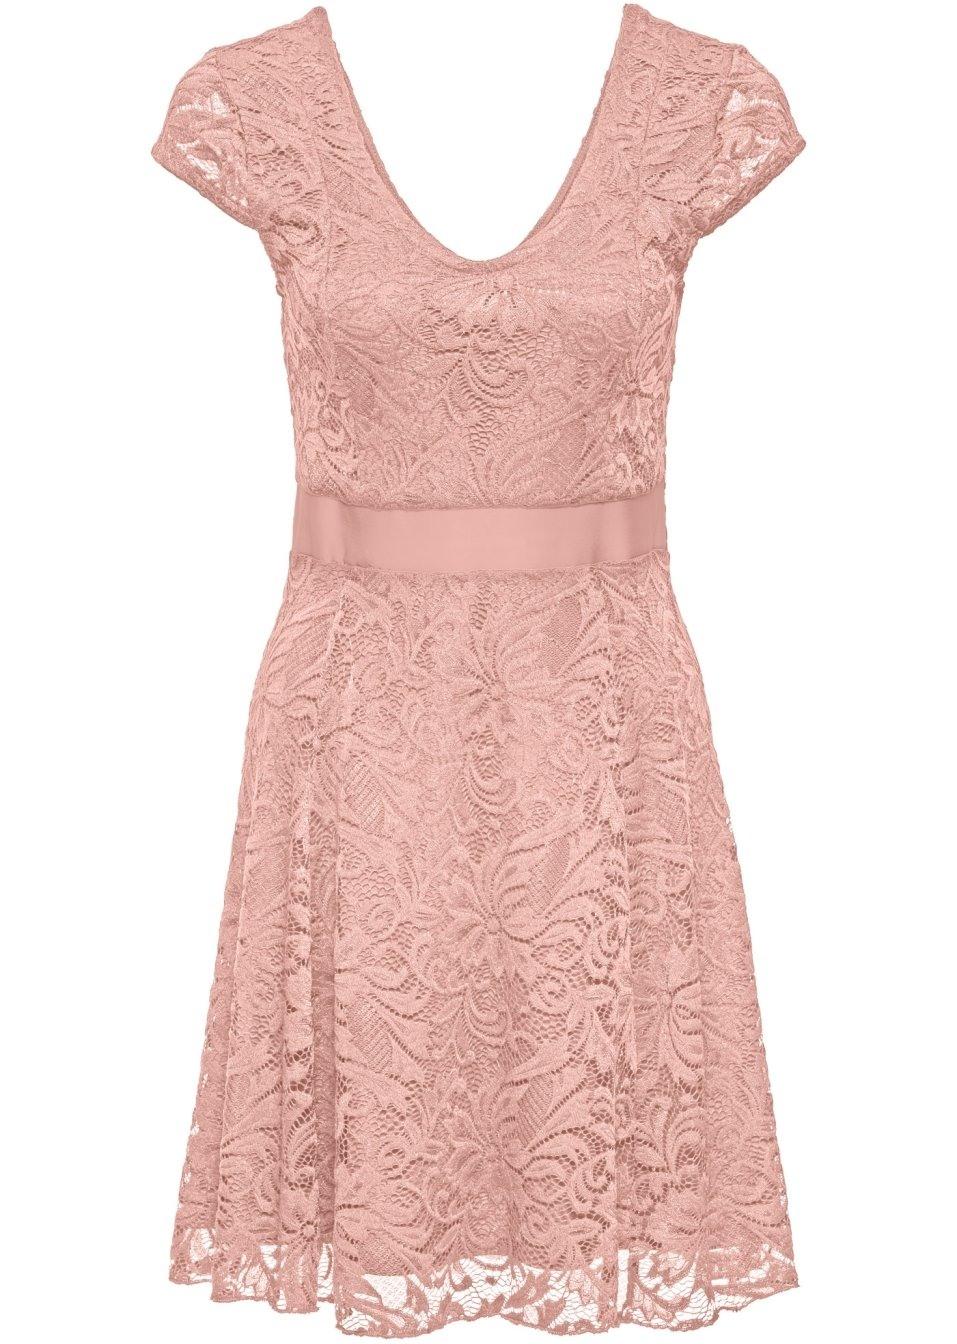 Abend Erstaunlich Rosa Kleid Spitze Ärmel10 Einfach Rosa Kleid Spitze für 2019